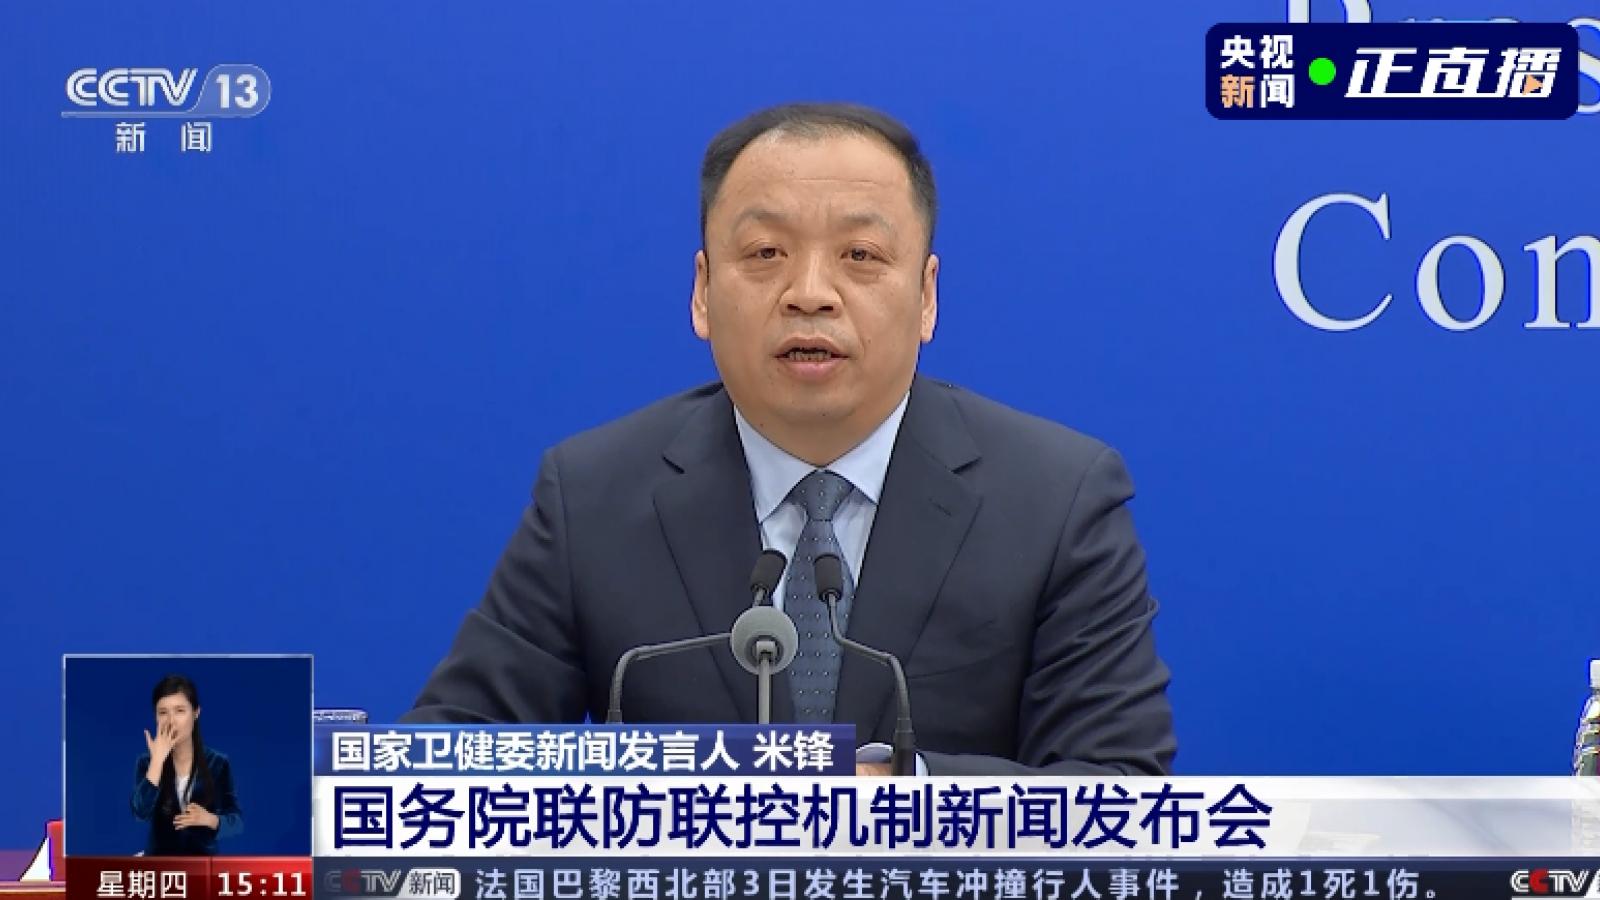 Hơn 31 triệu người ở Trung Quốc đã được tiêm vaccine Covid-19